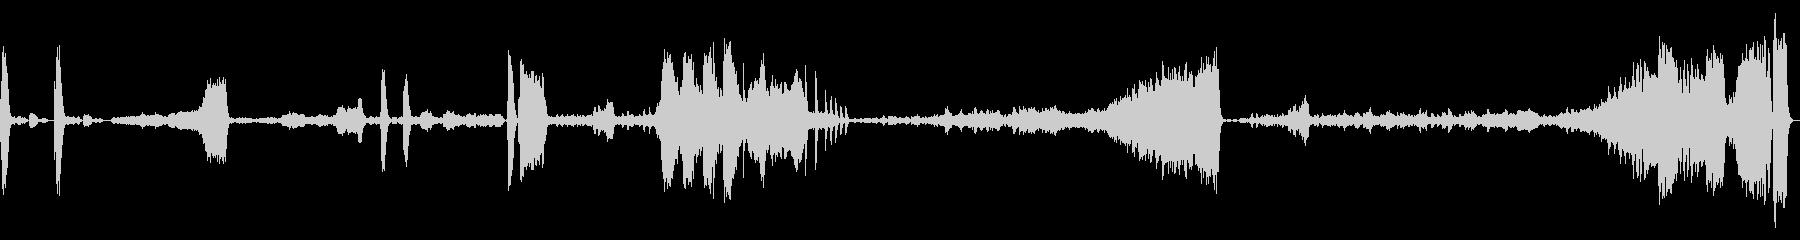 ロッシーニの代表的なオペラの未再生の波形